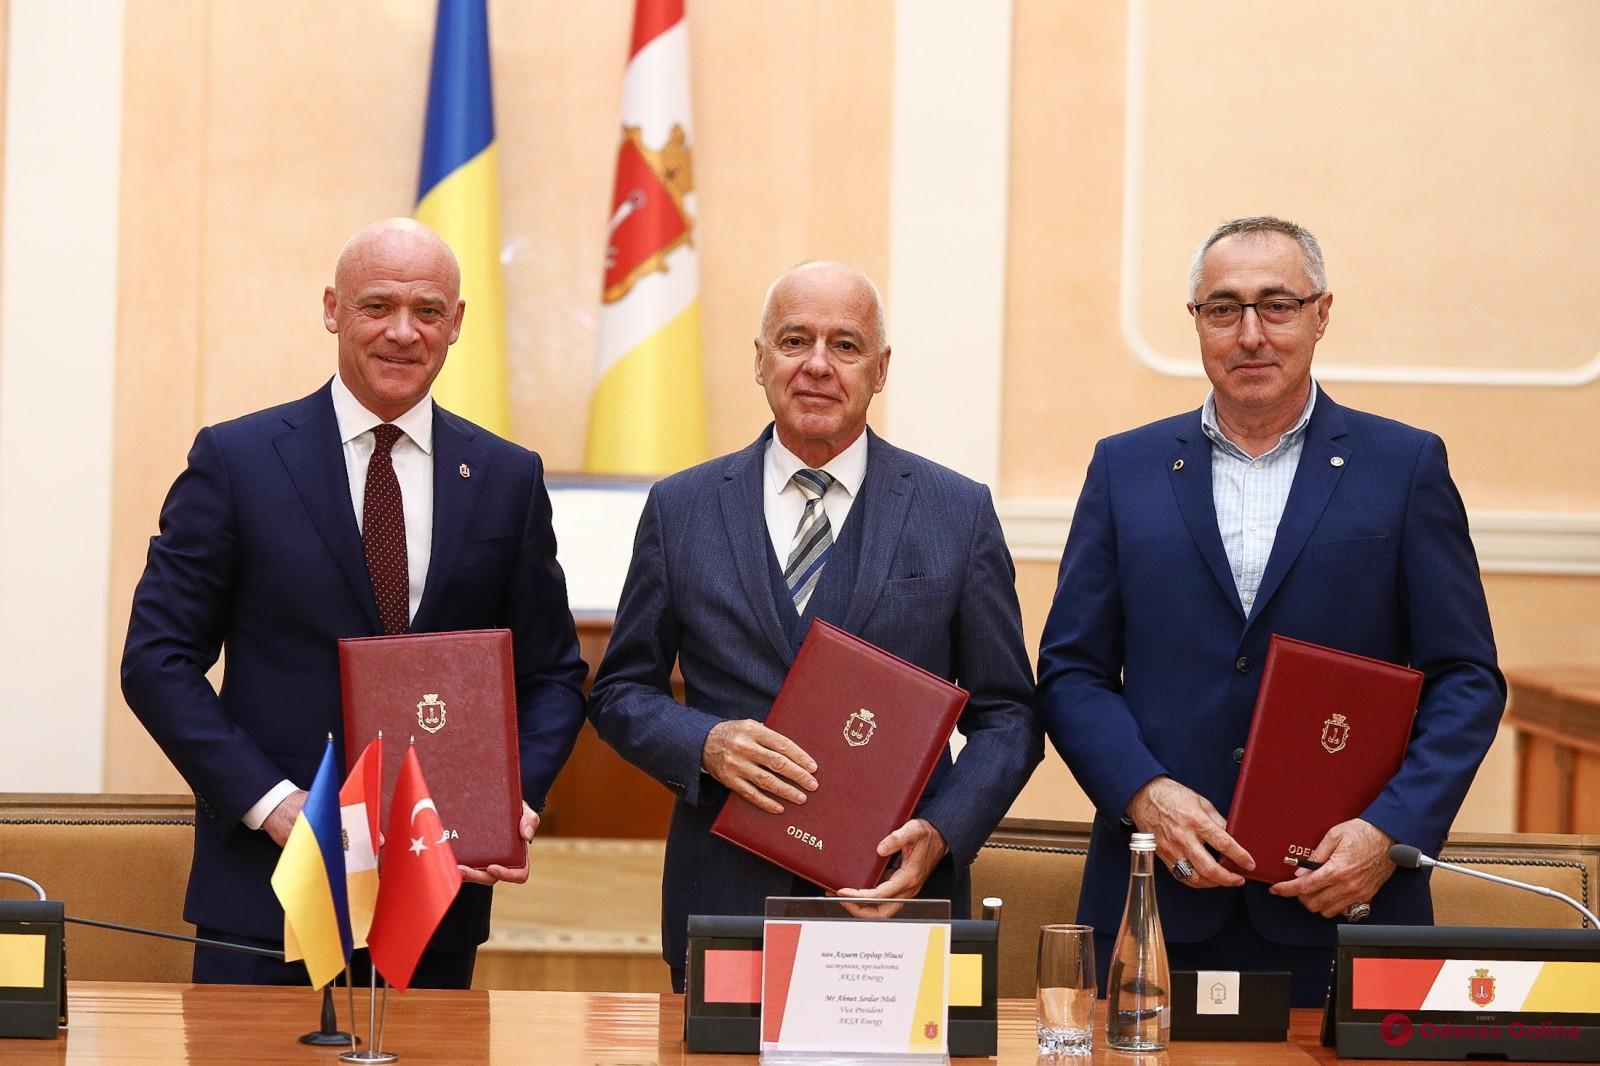 Геннадий Труханов подписал меморандум с представителями турецкого энергетического гиганта о строительстве в городе парогазовой станции